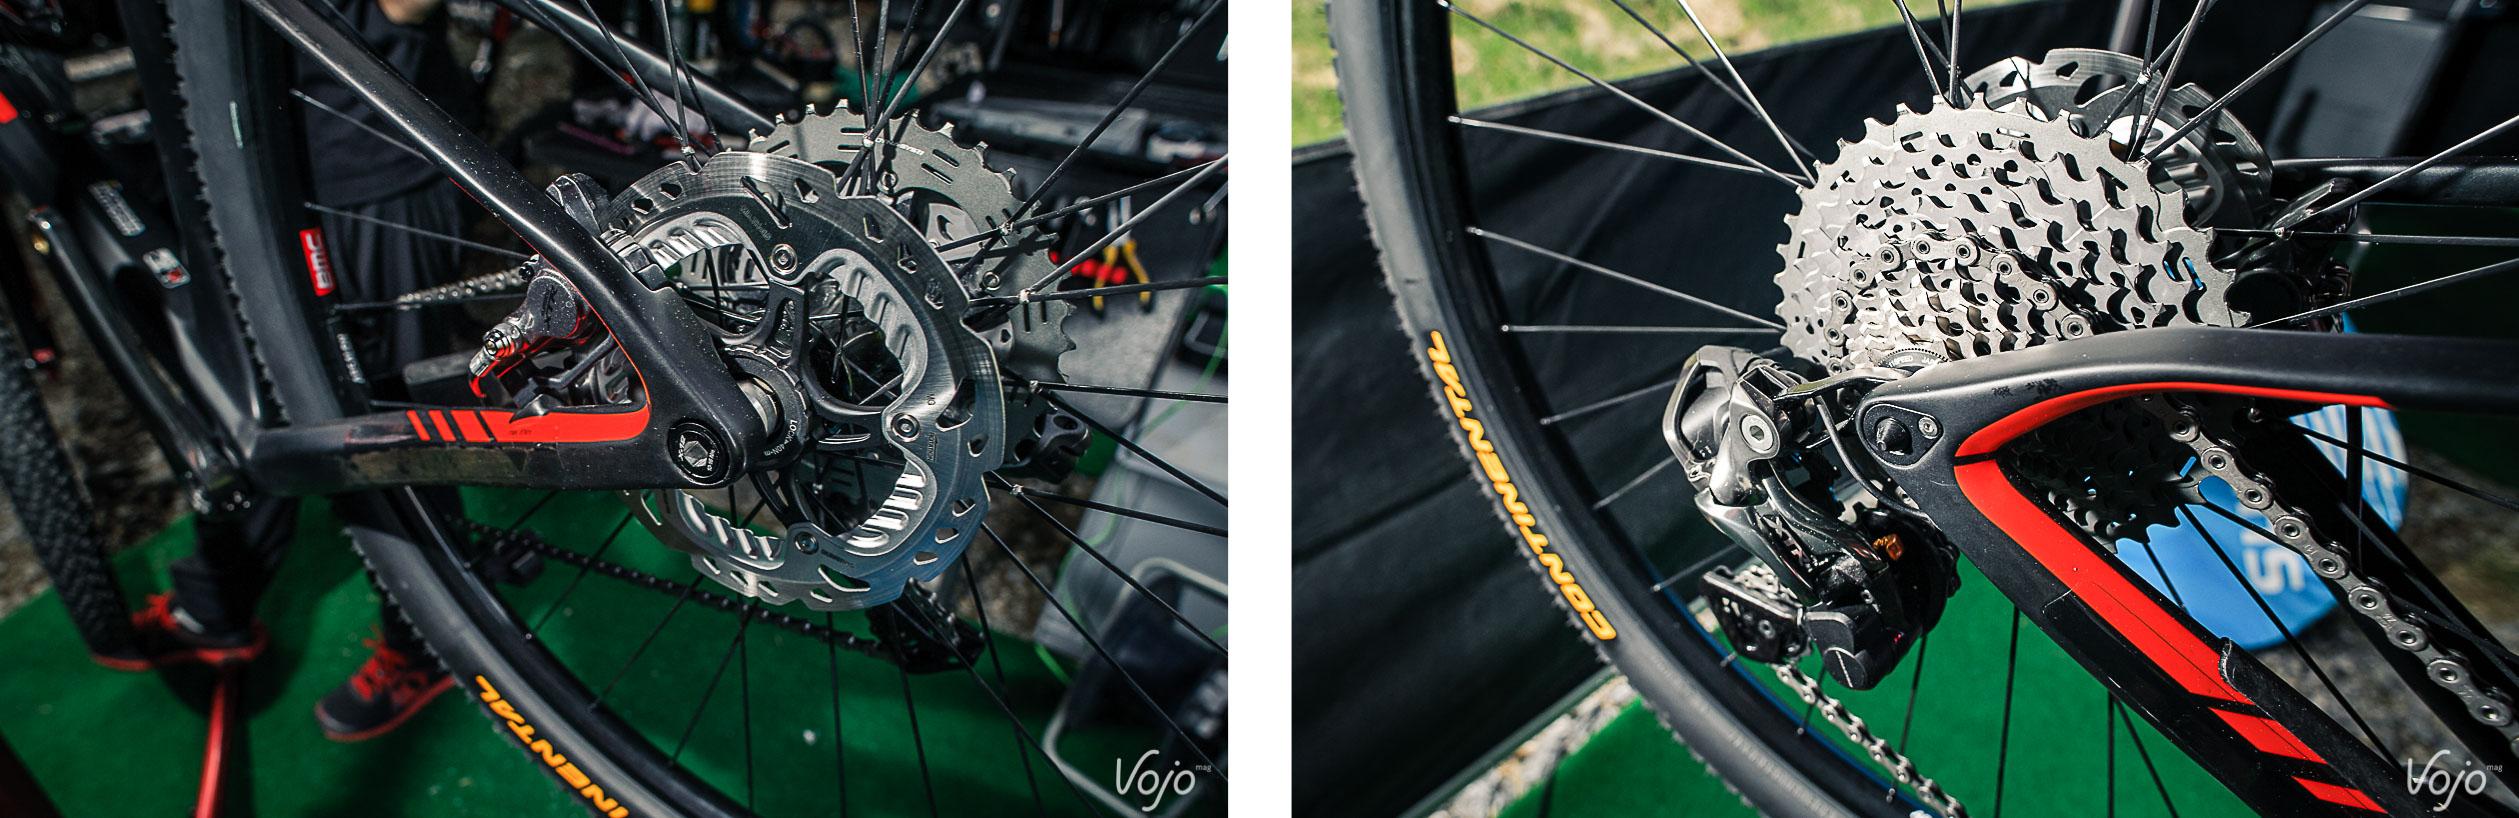 3-BMC_TE01_MTT_Julien_Absalon_World_Cup_Bike_Copyright_OBeart_VojoMag-1